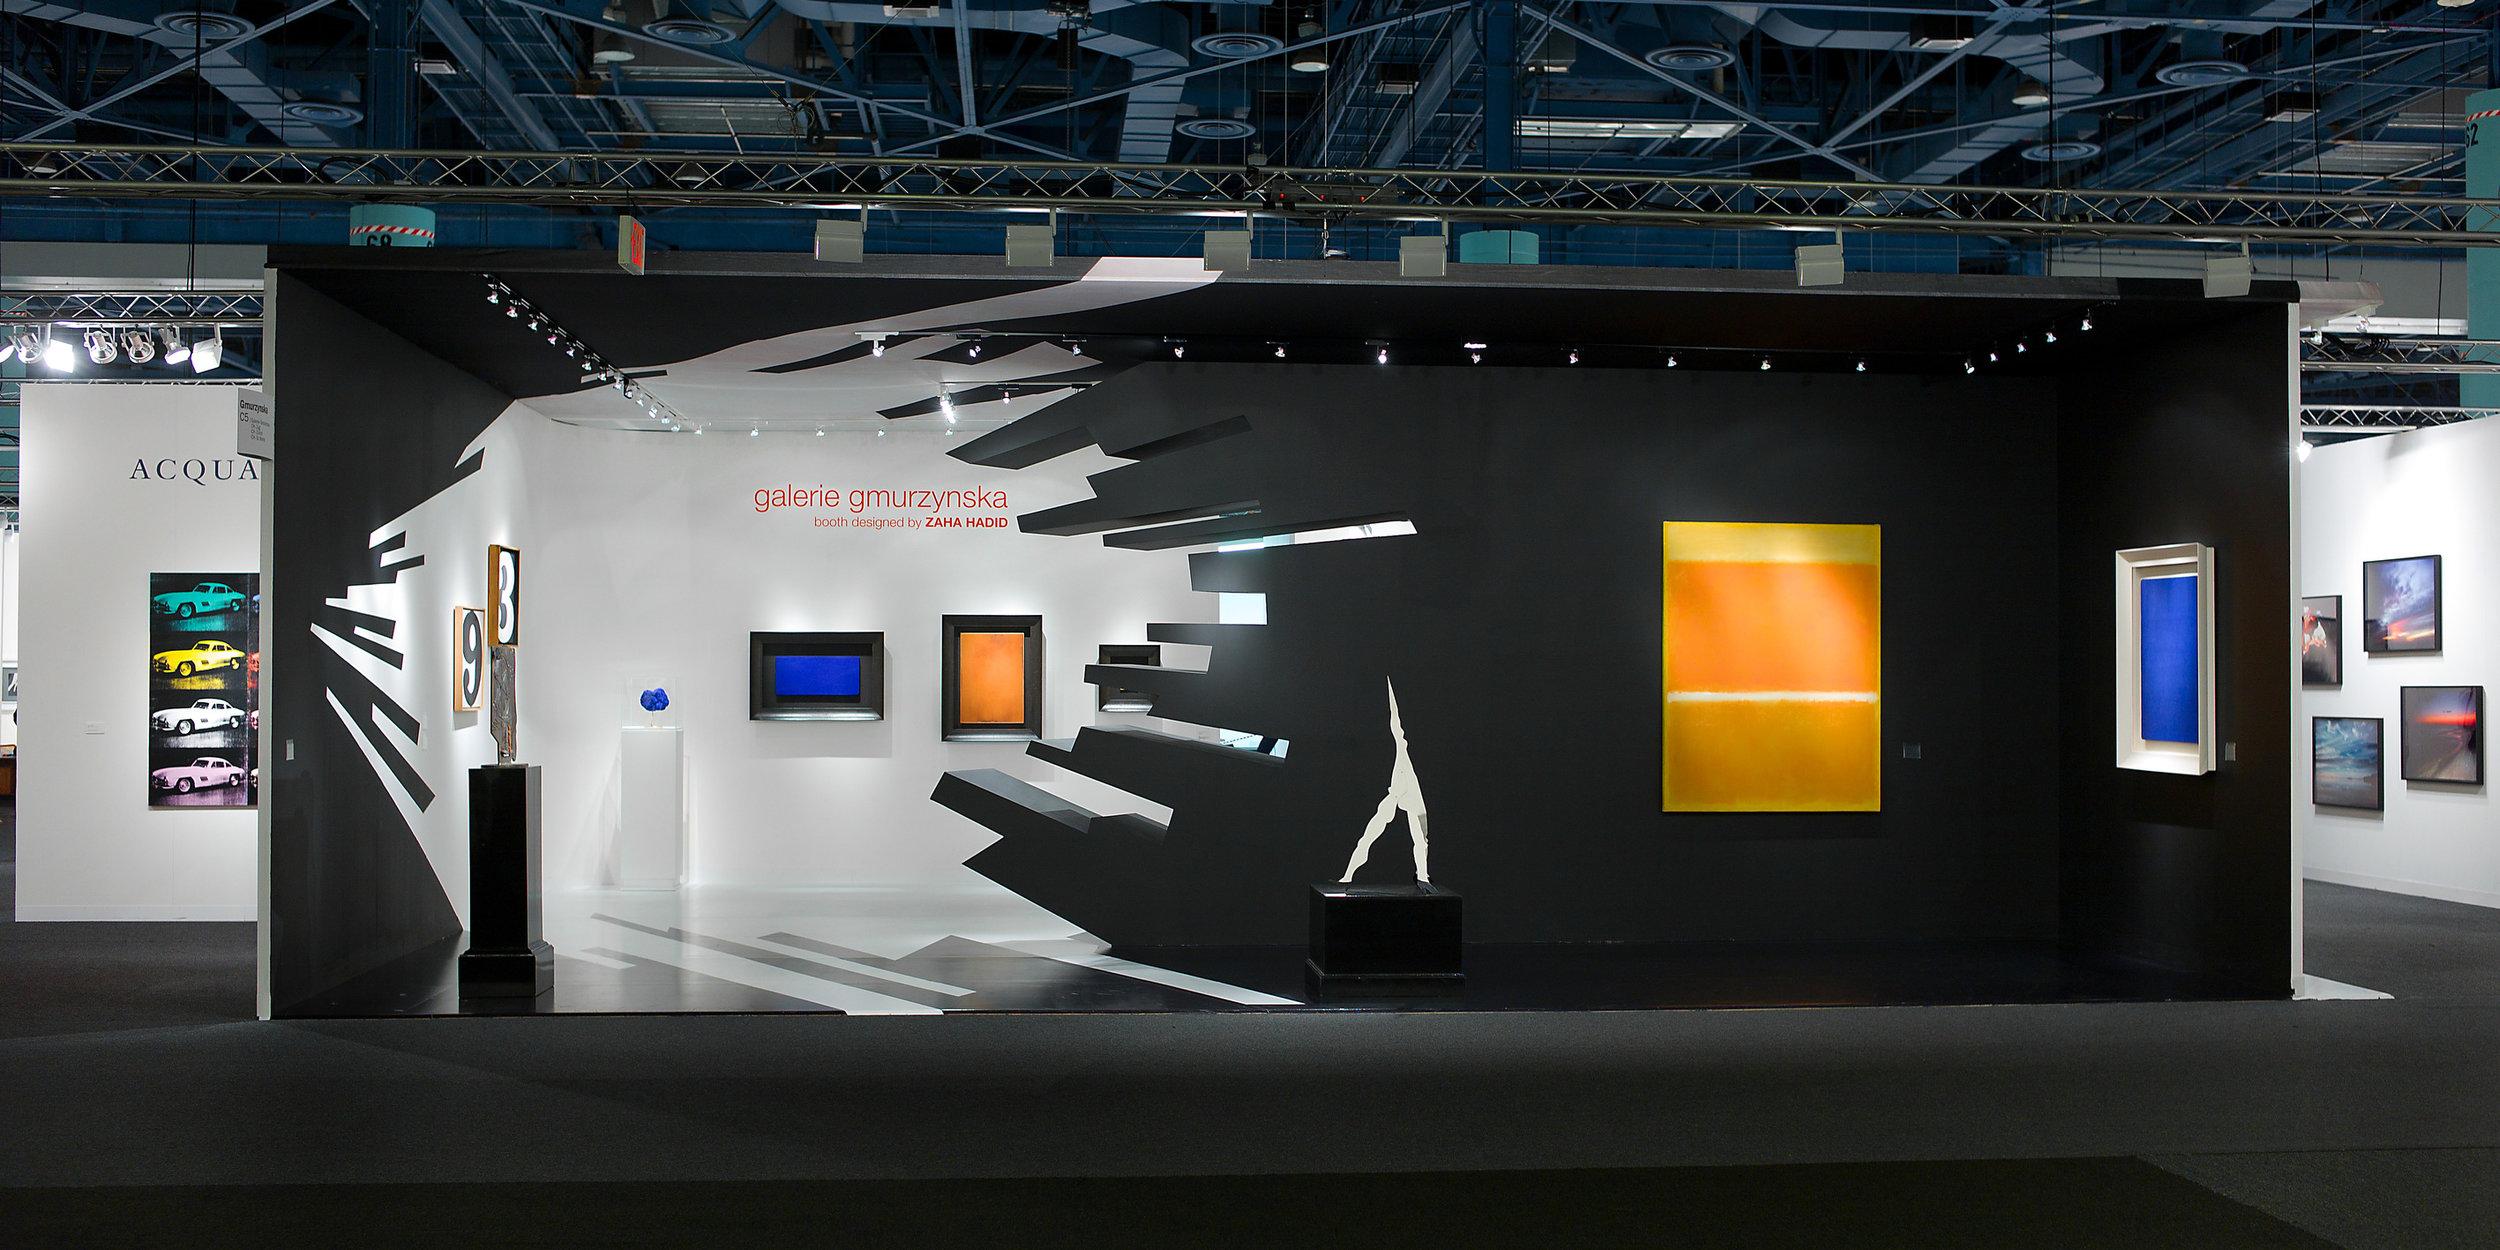 Zaha Hadid: Art Basel